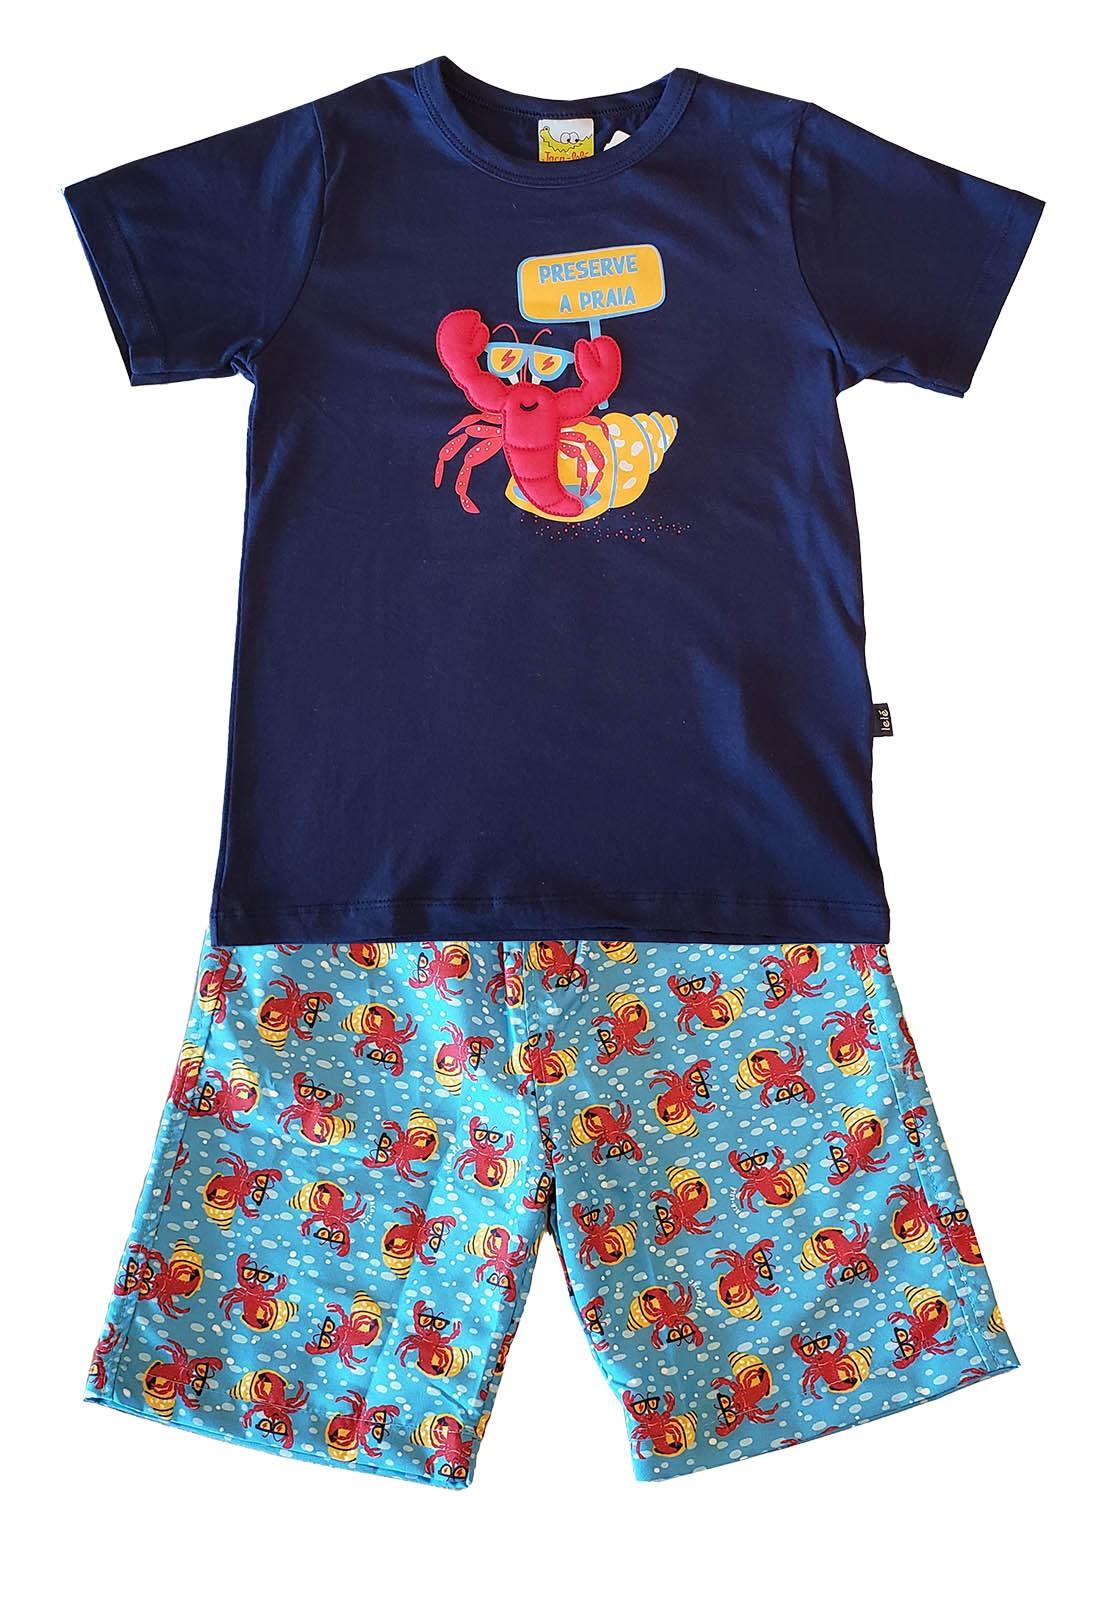 Conjunto Infantil Camiseta e Bermuda JACA-LELÉ Preserve a Praia Marinho e Azul